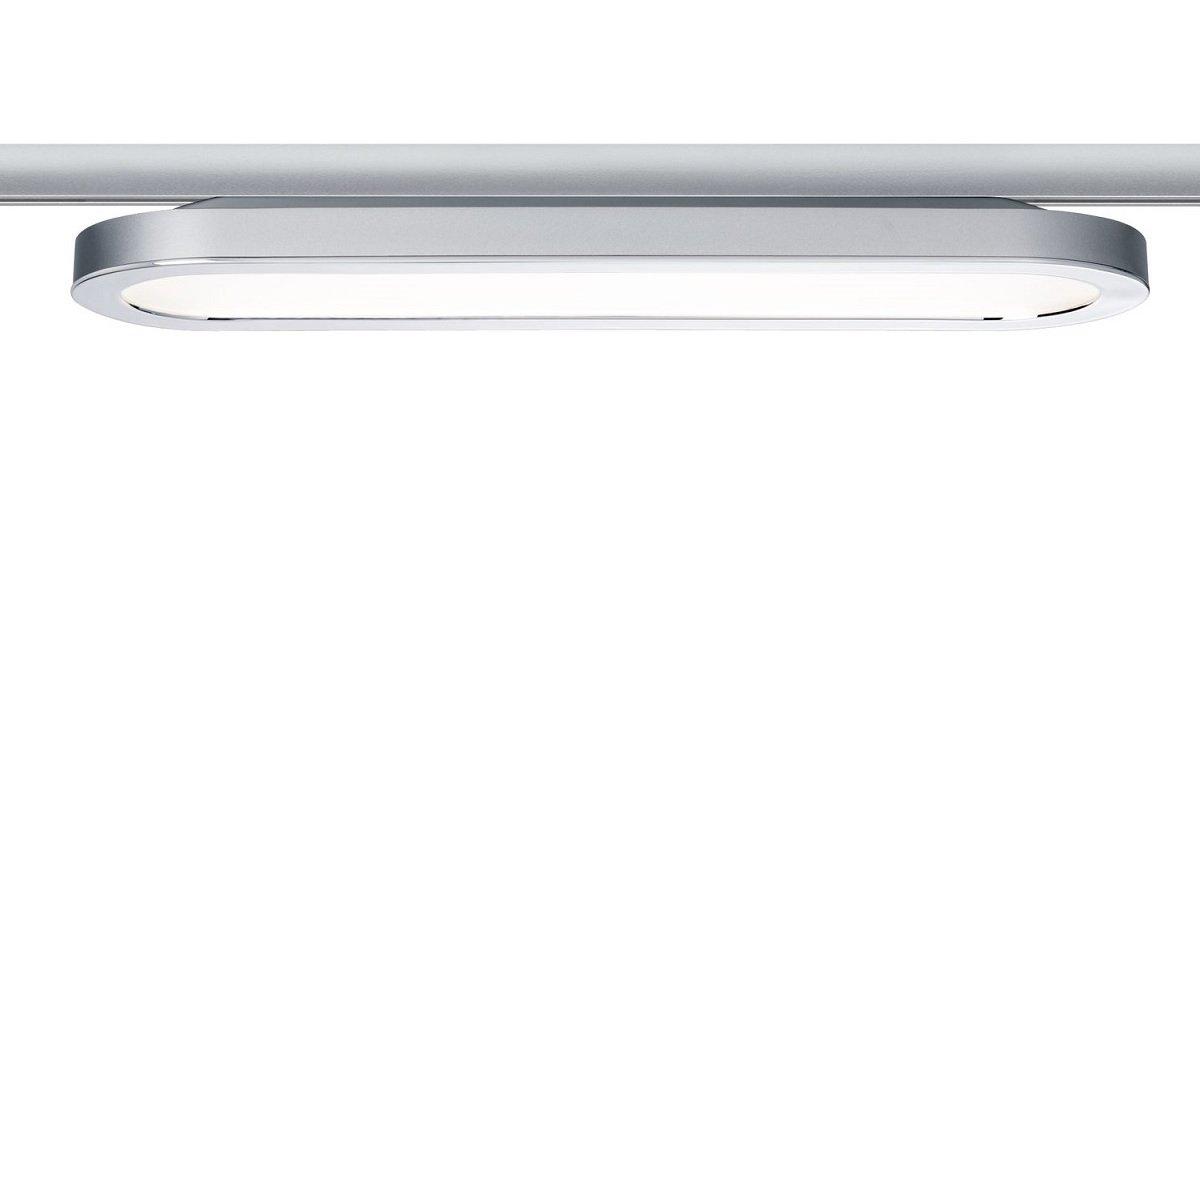 Led Lampen Panel : Paulmann design urail no urail led panel loop chrom matt w